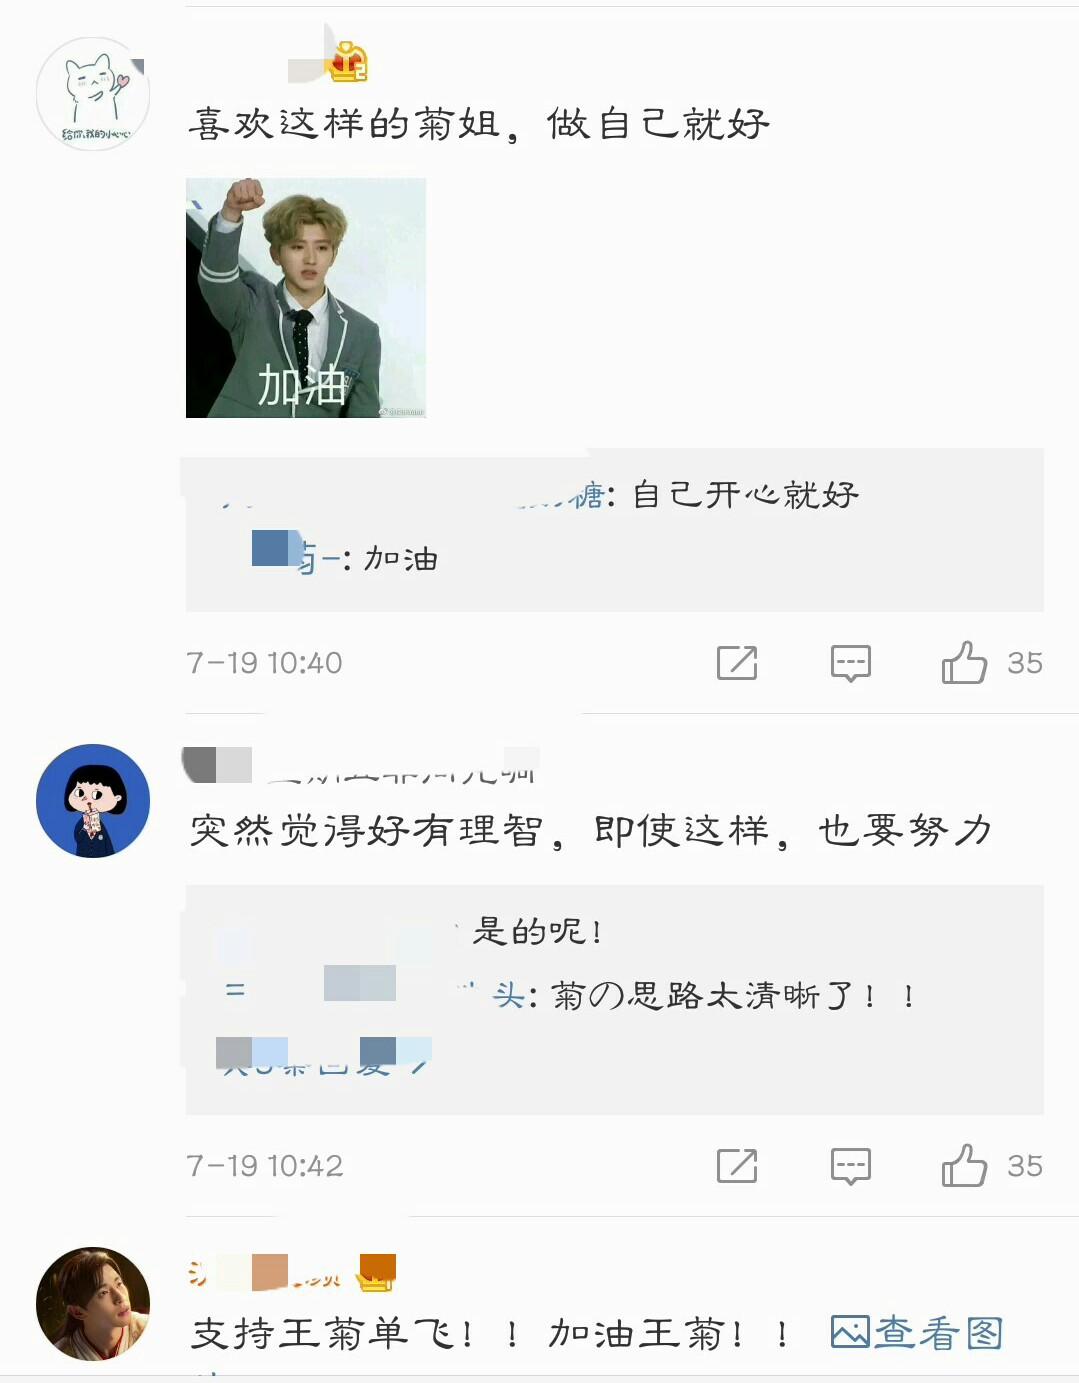 王菊工作室发解约声明,网友:菊姐思路够清晰!